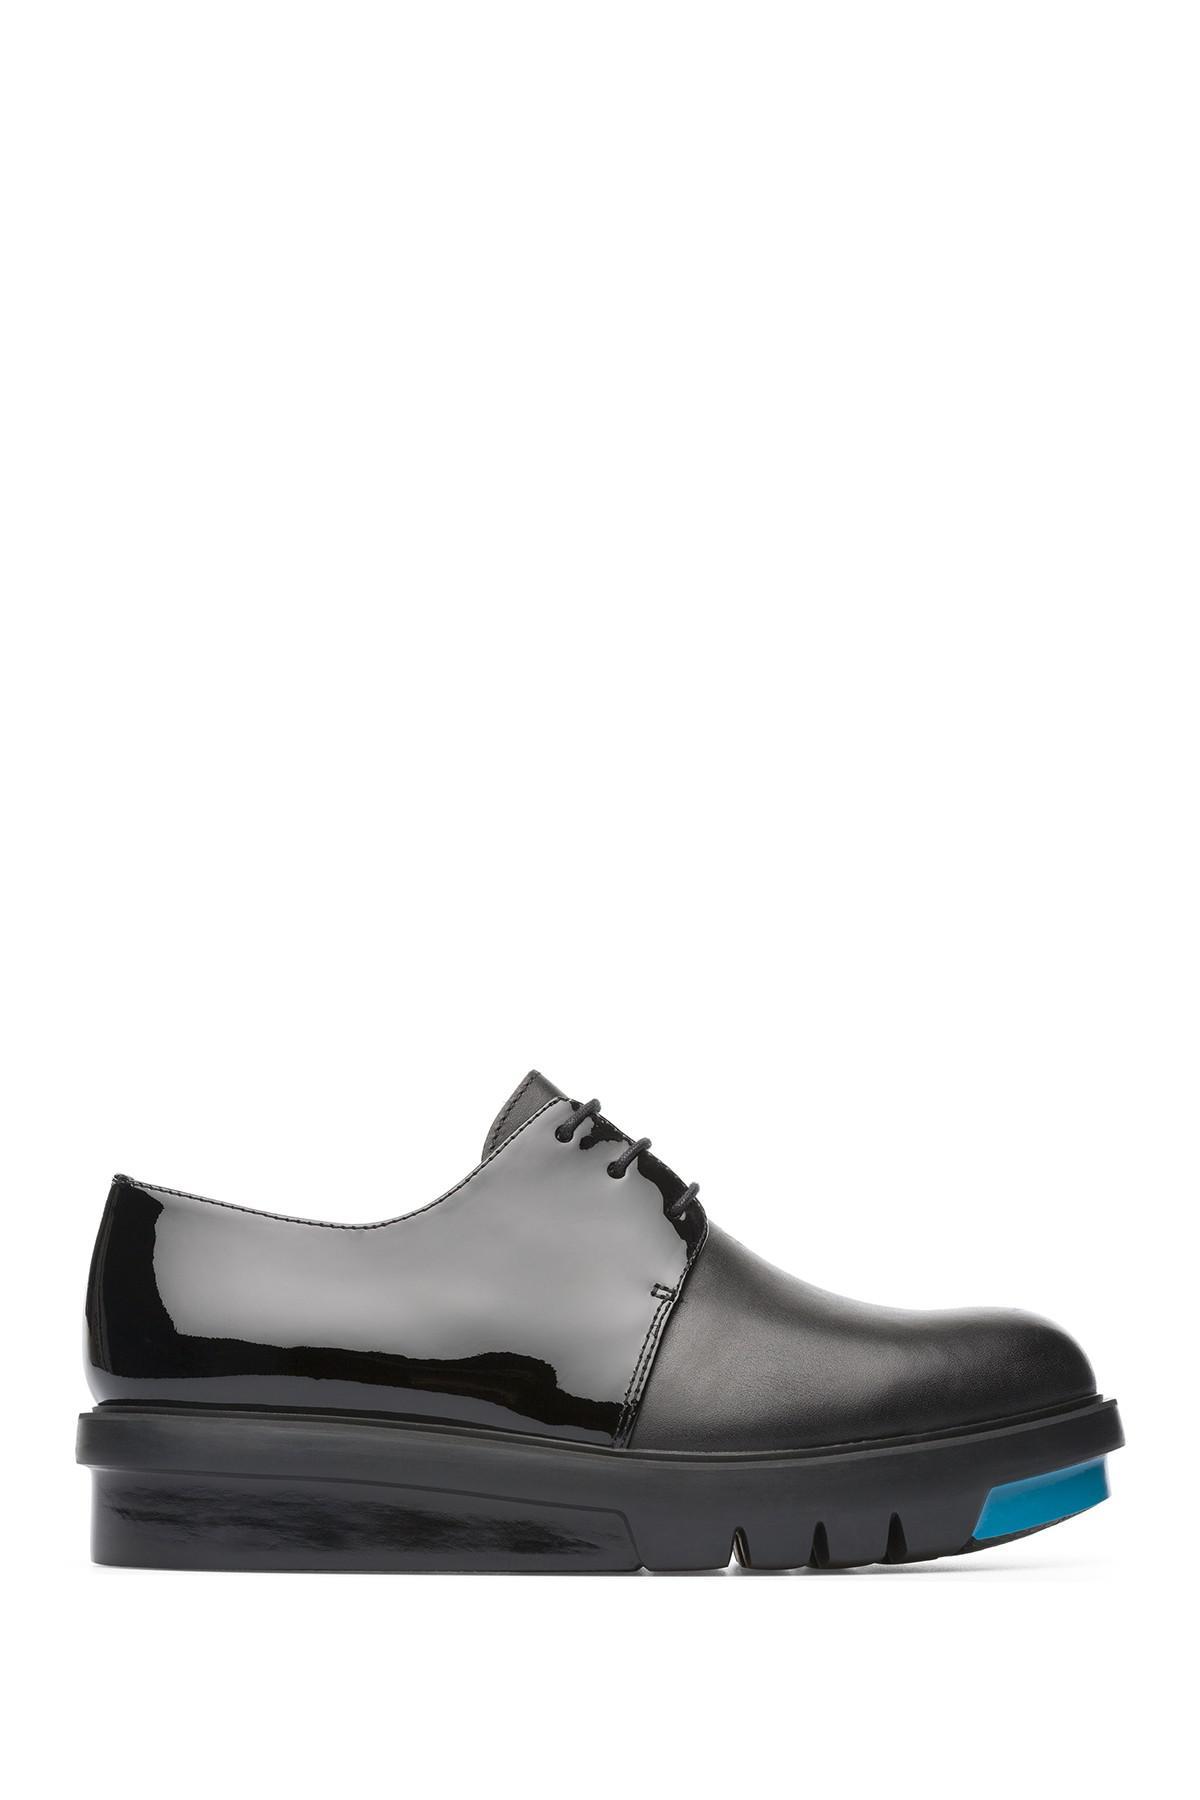 19d0d2a3540 Lyst - Camper Marta Platform Sneaker in Black for Men